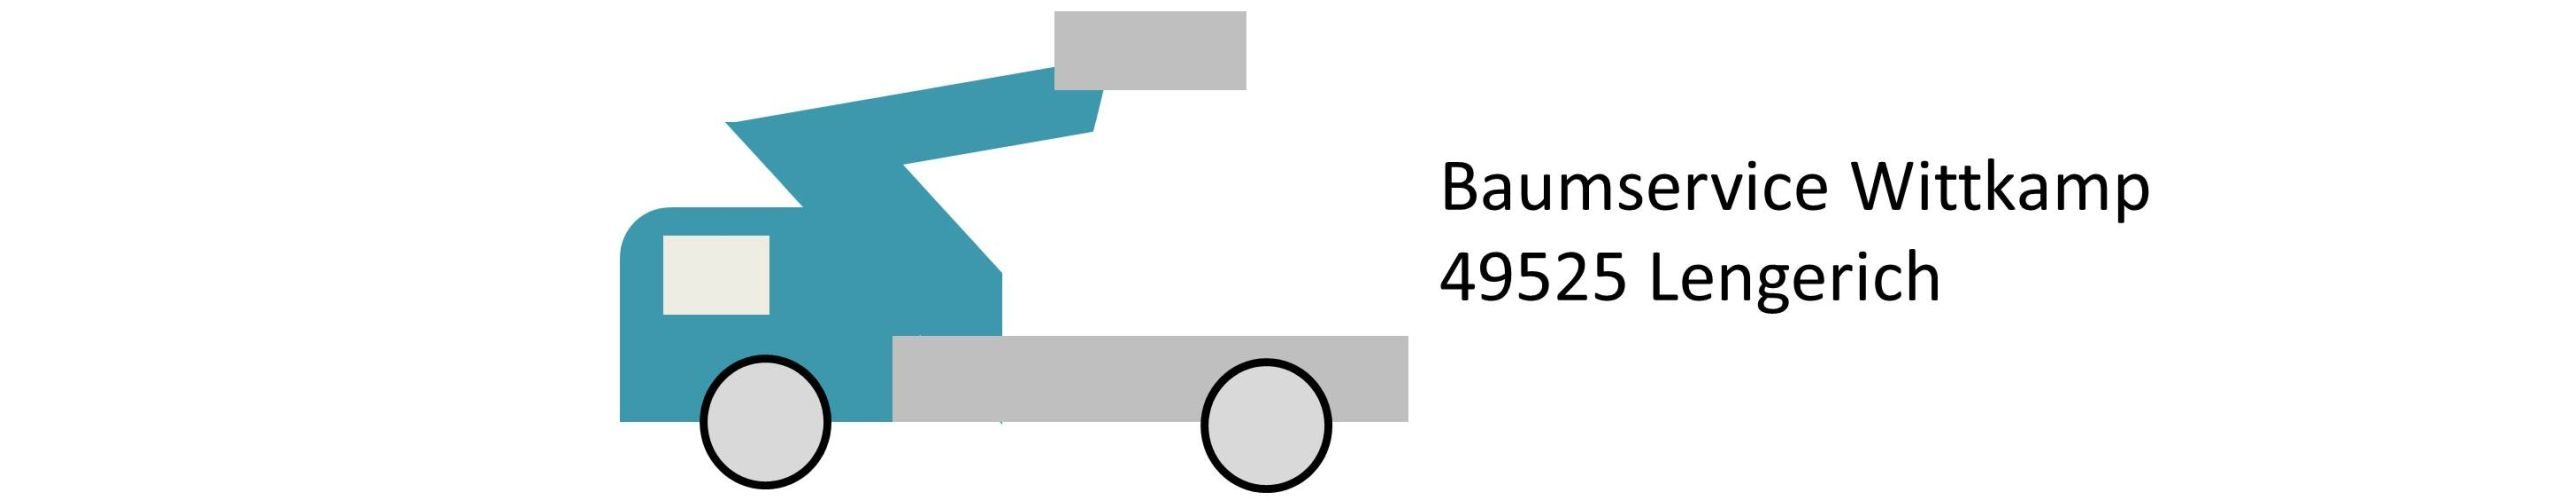 Baumservice Wittkamp